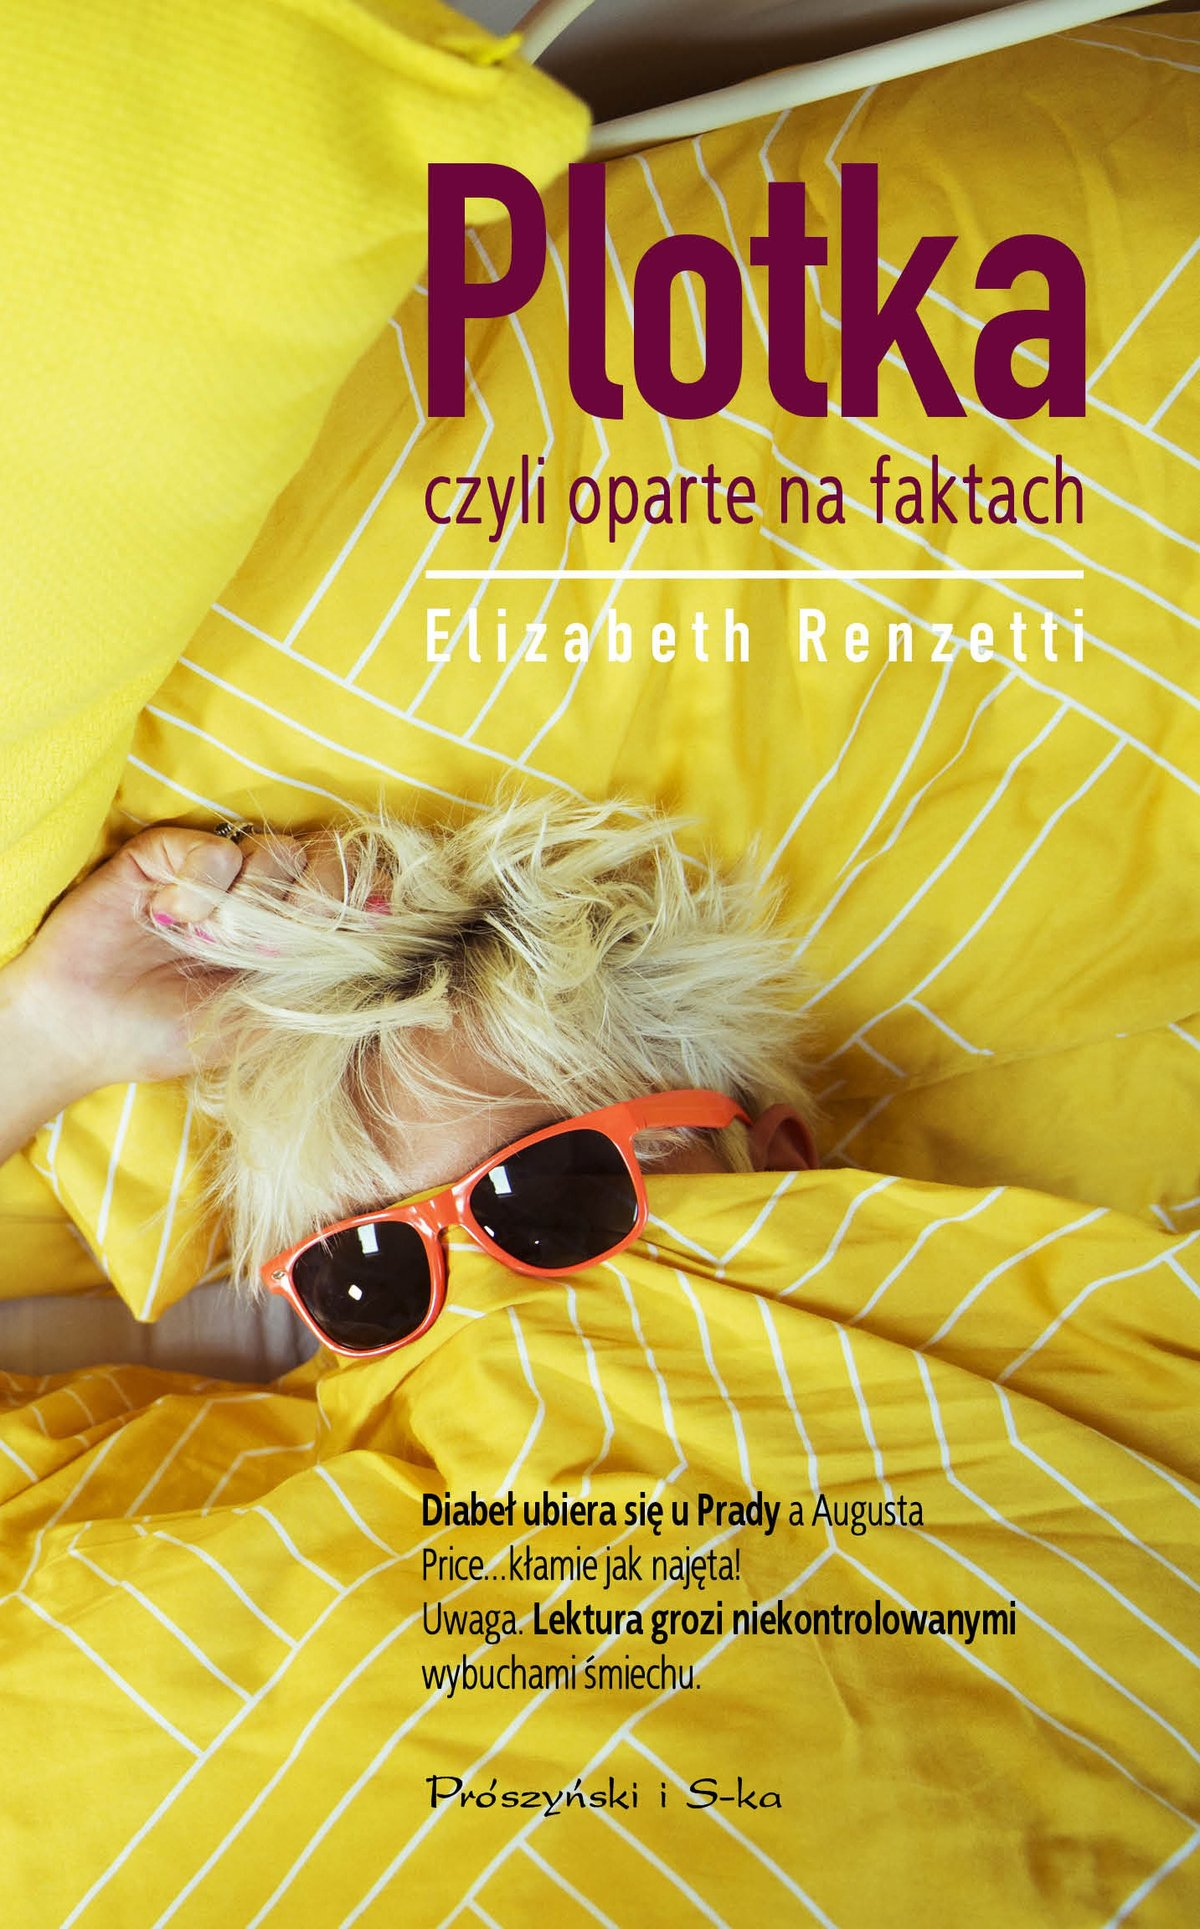 Plotka, czyli oparte na faktach - Ebook (Książka EPUB) do pobrania w formacie EPUB